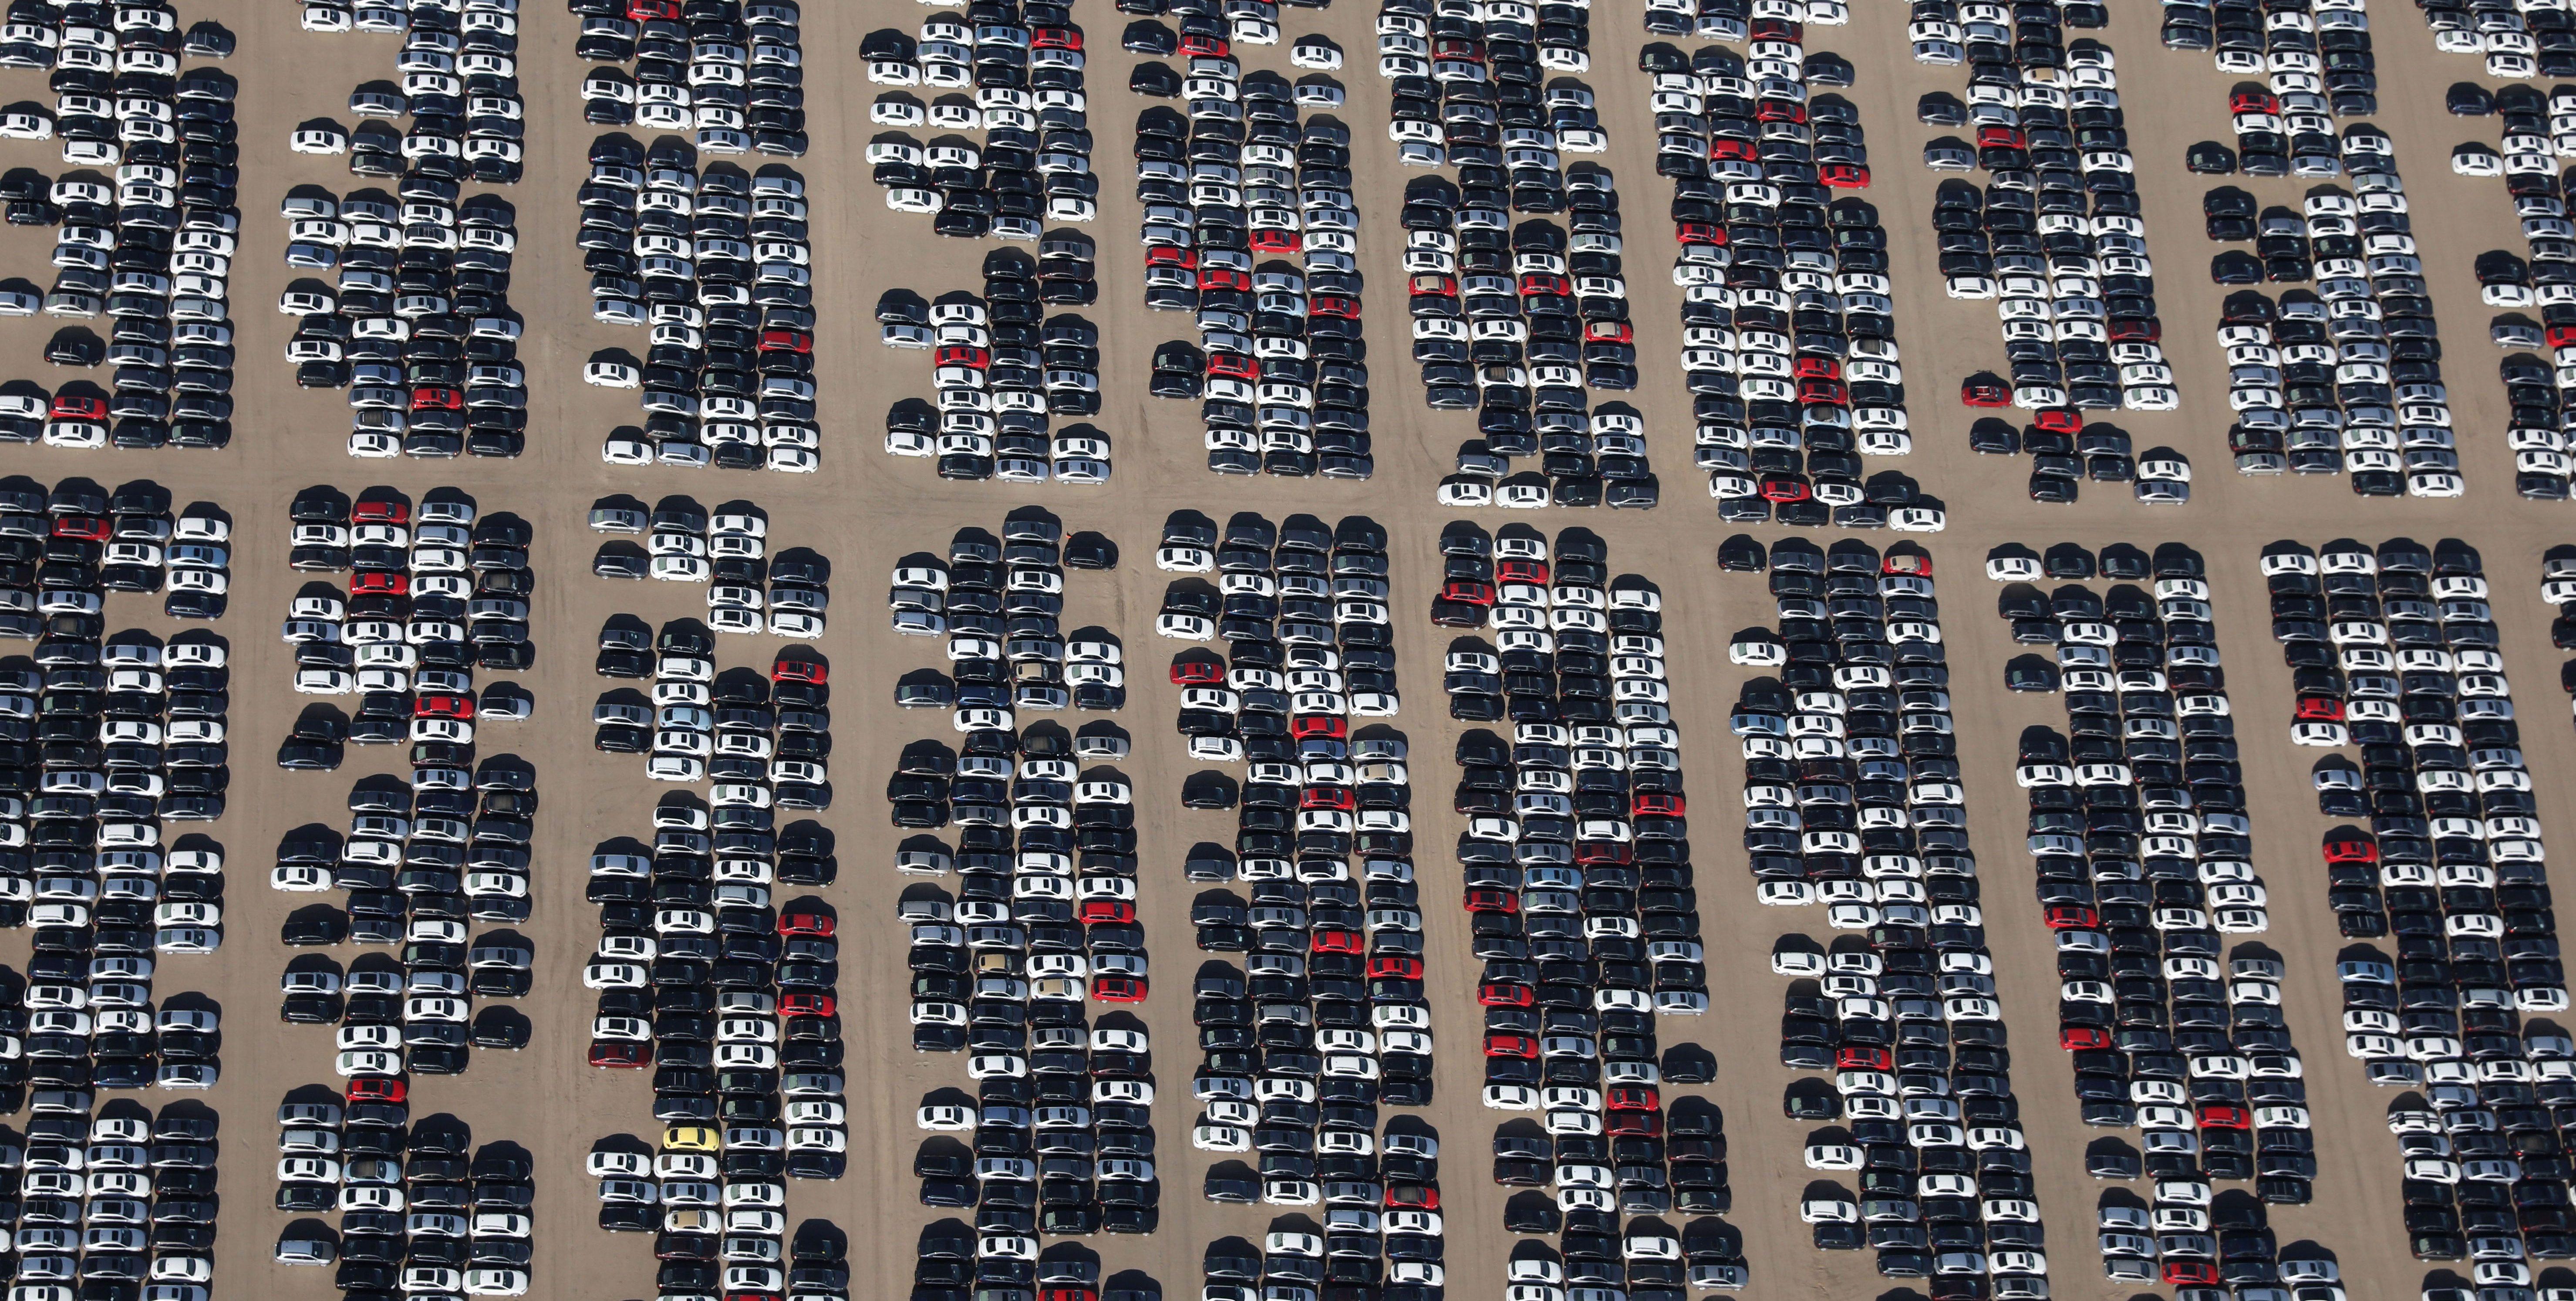 Vw Buyback Program >> Volkswagen Buyback Volkswagen Has Bought Back Thousands Cars